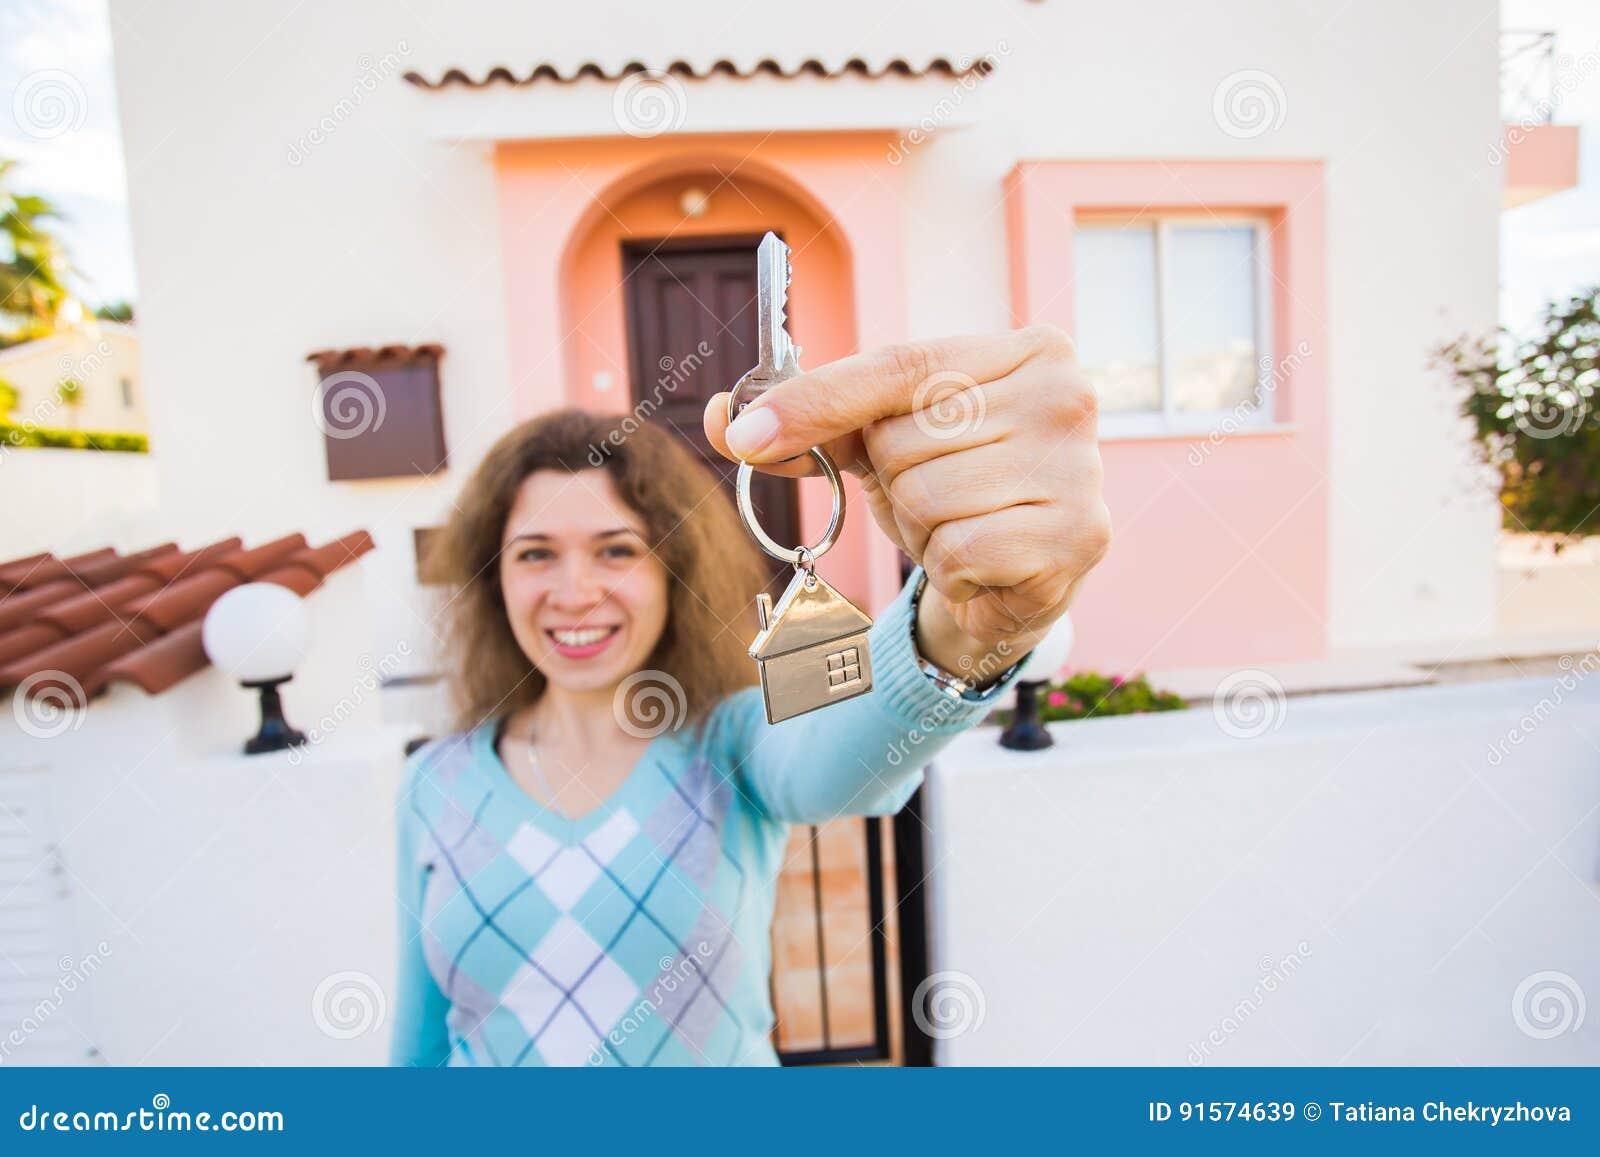 Begrepp av inflyttningsfest, fastighet, egenskap och flyttning - ny hem- ägare med tangent